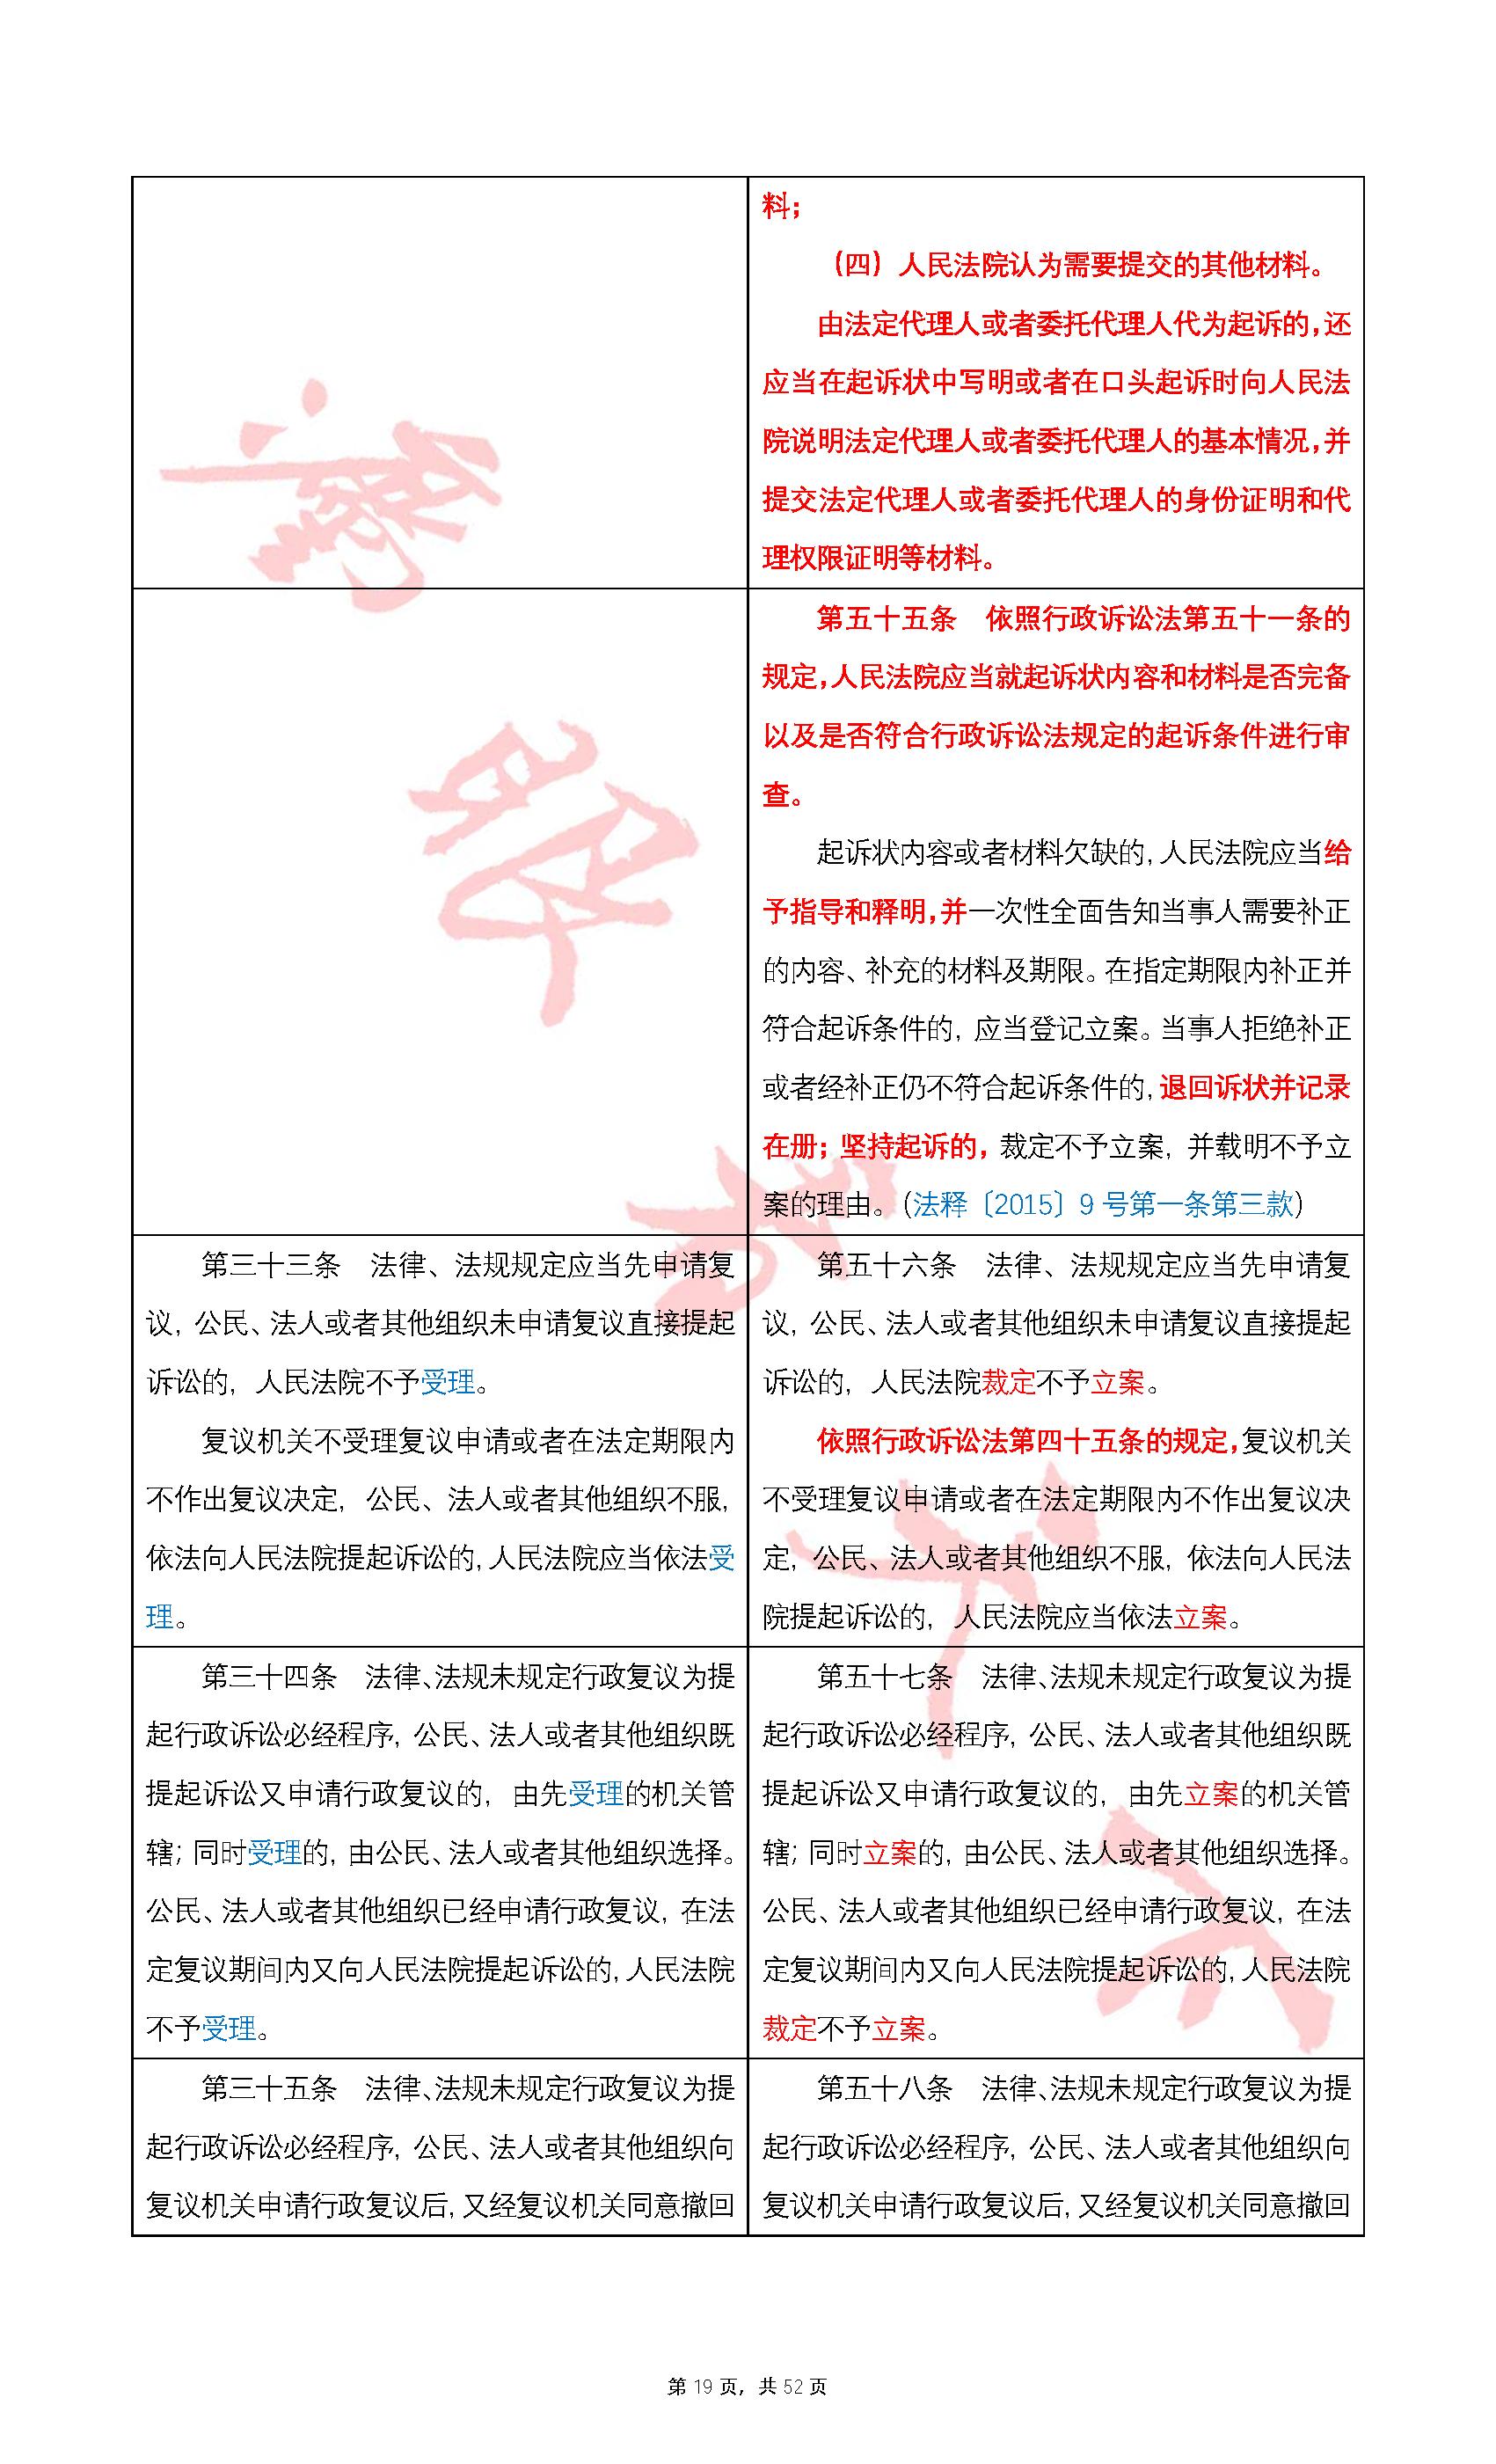 表_页面_19.png